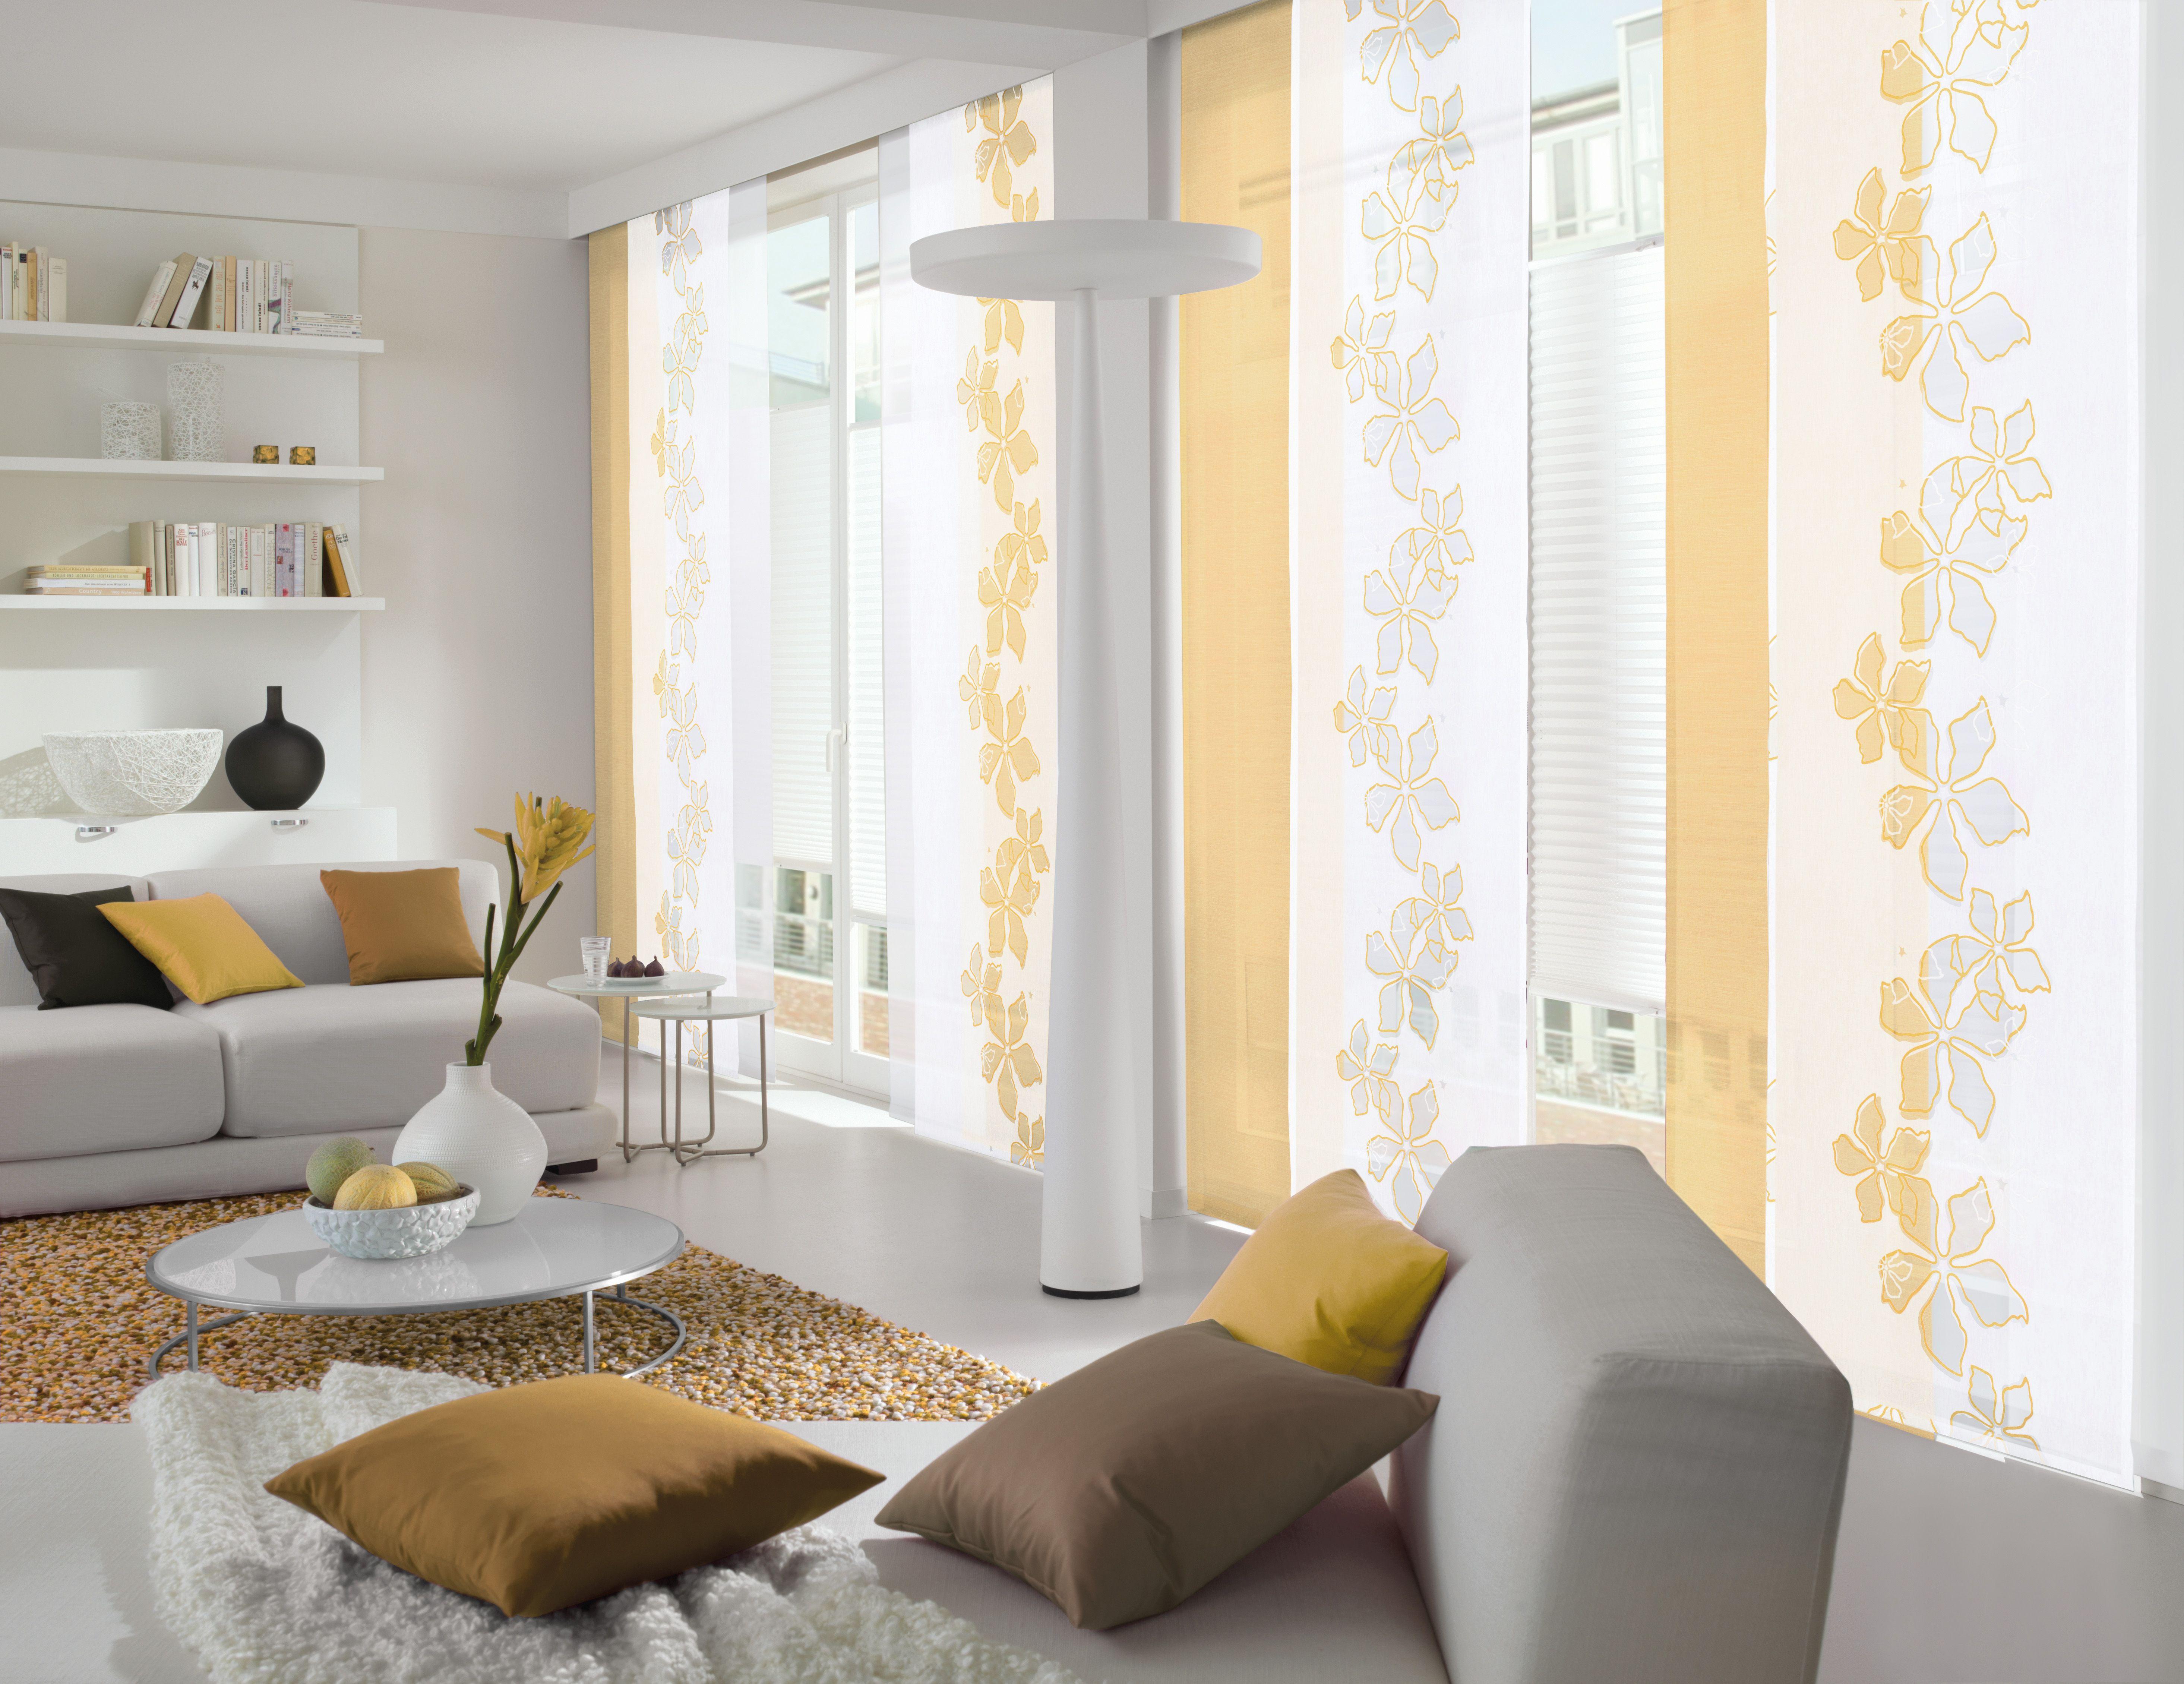 Weißer Und Gelber Flächenvorhang Im Wohnzimmer Gardinen Gardine Weiss Gelb Gardinen Wohnzimmer Modern Wohnzimmer Design Wohnen